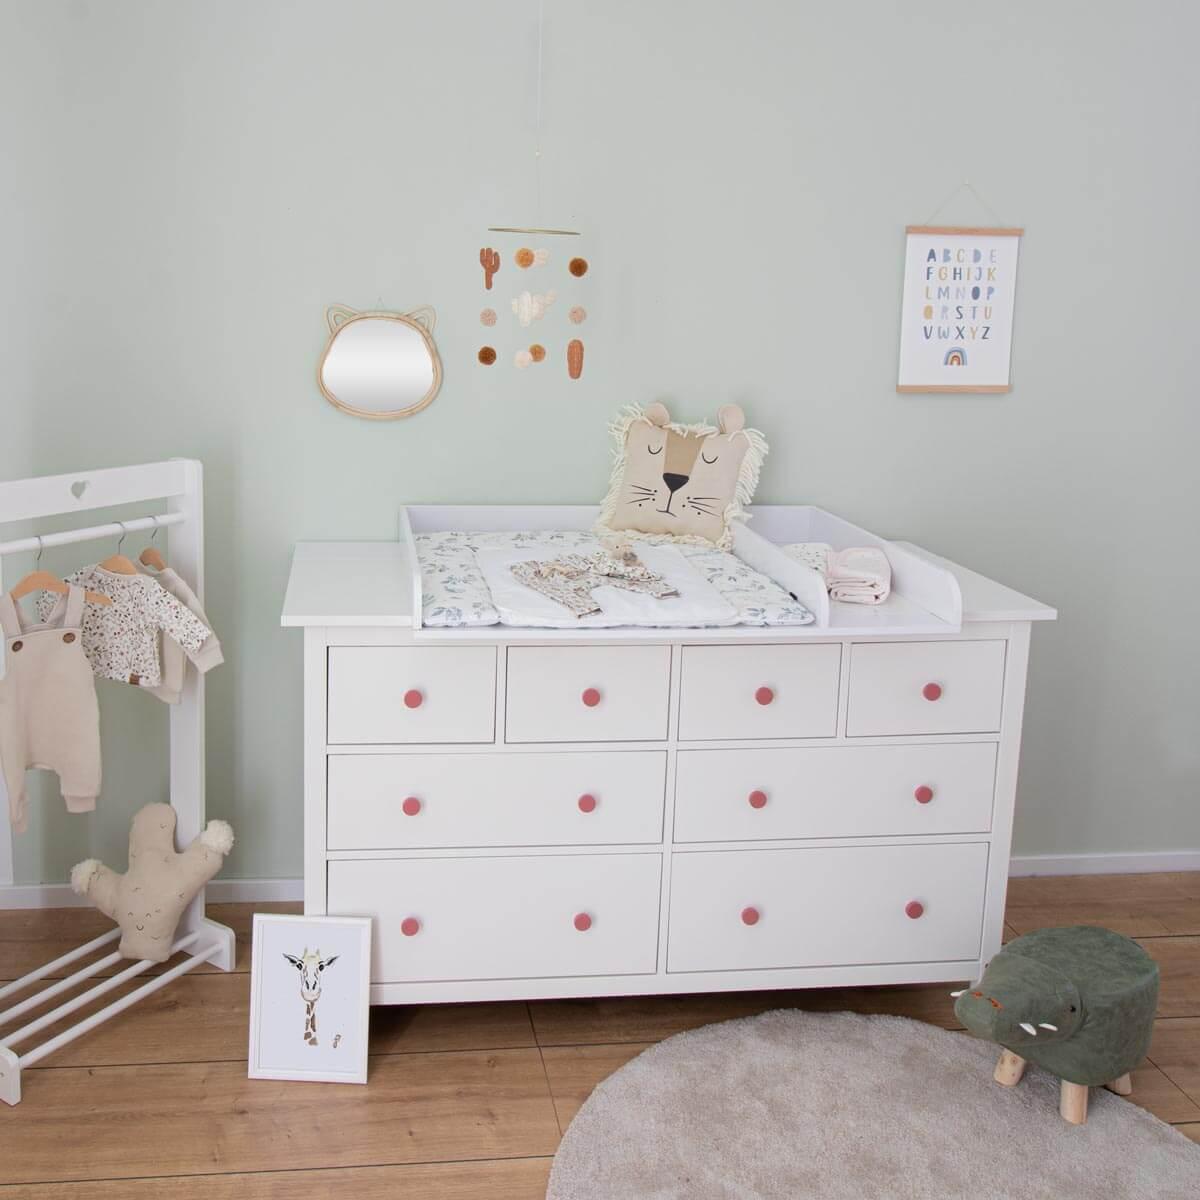 Wickelaufsatz Matz mit 159,5 cm Blende und Trennfach, weiß, IKEA Hemnes